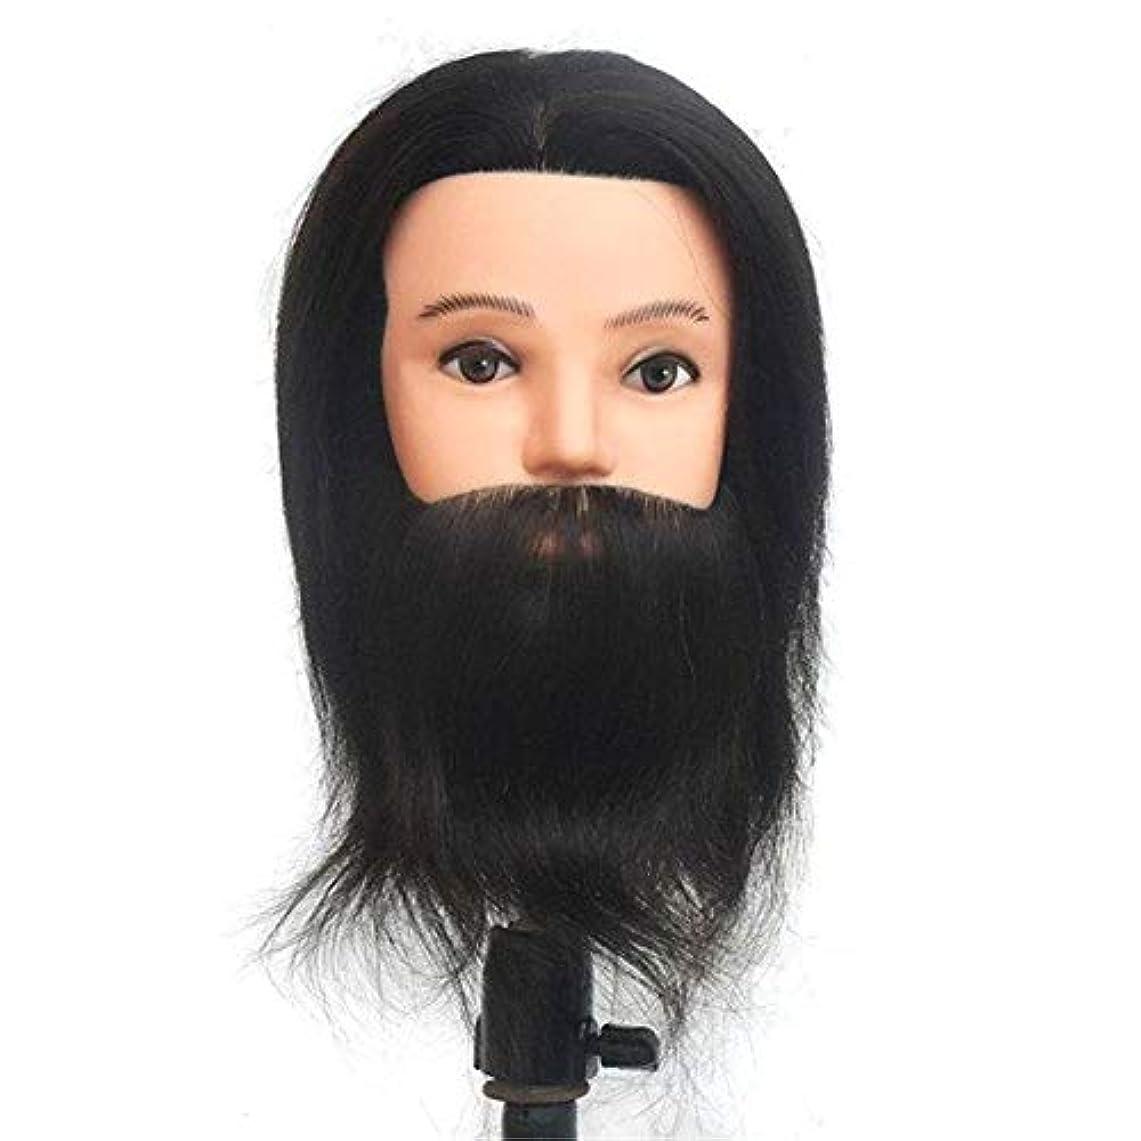 支払うメディカル独裁者リアル人間の髪トレーニングヘッドパーマ髪モデル髪染め理髪ダミーヘッドトリミングひげ学習ヘッドモデル